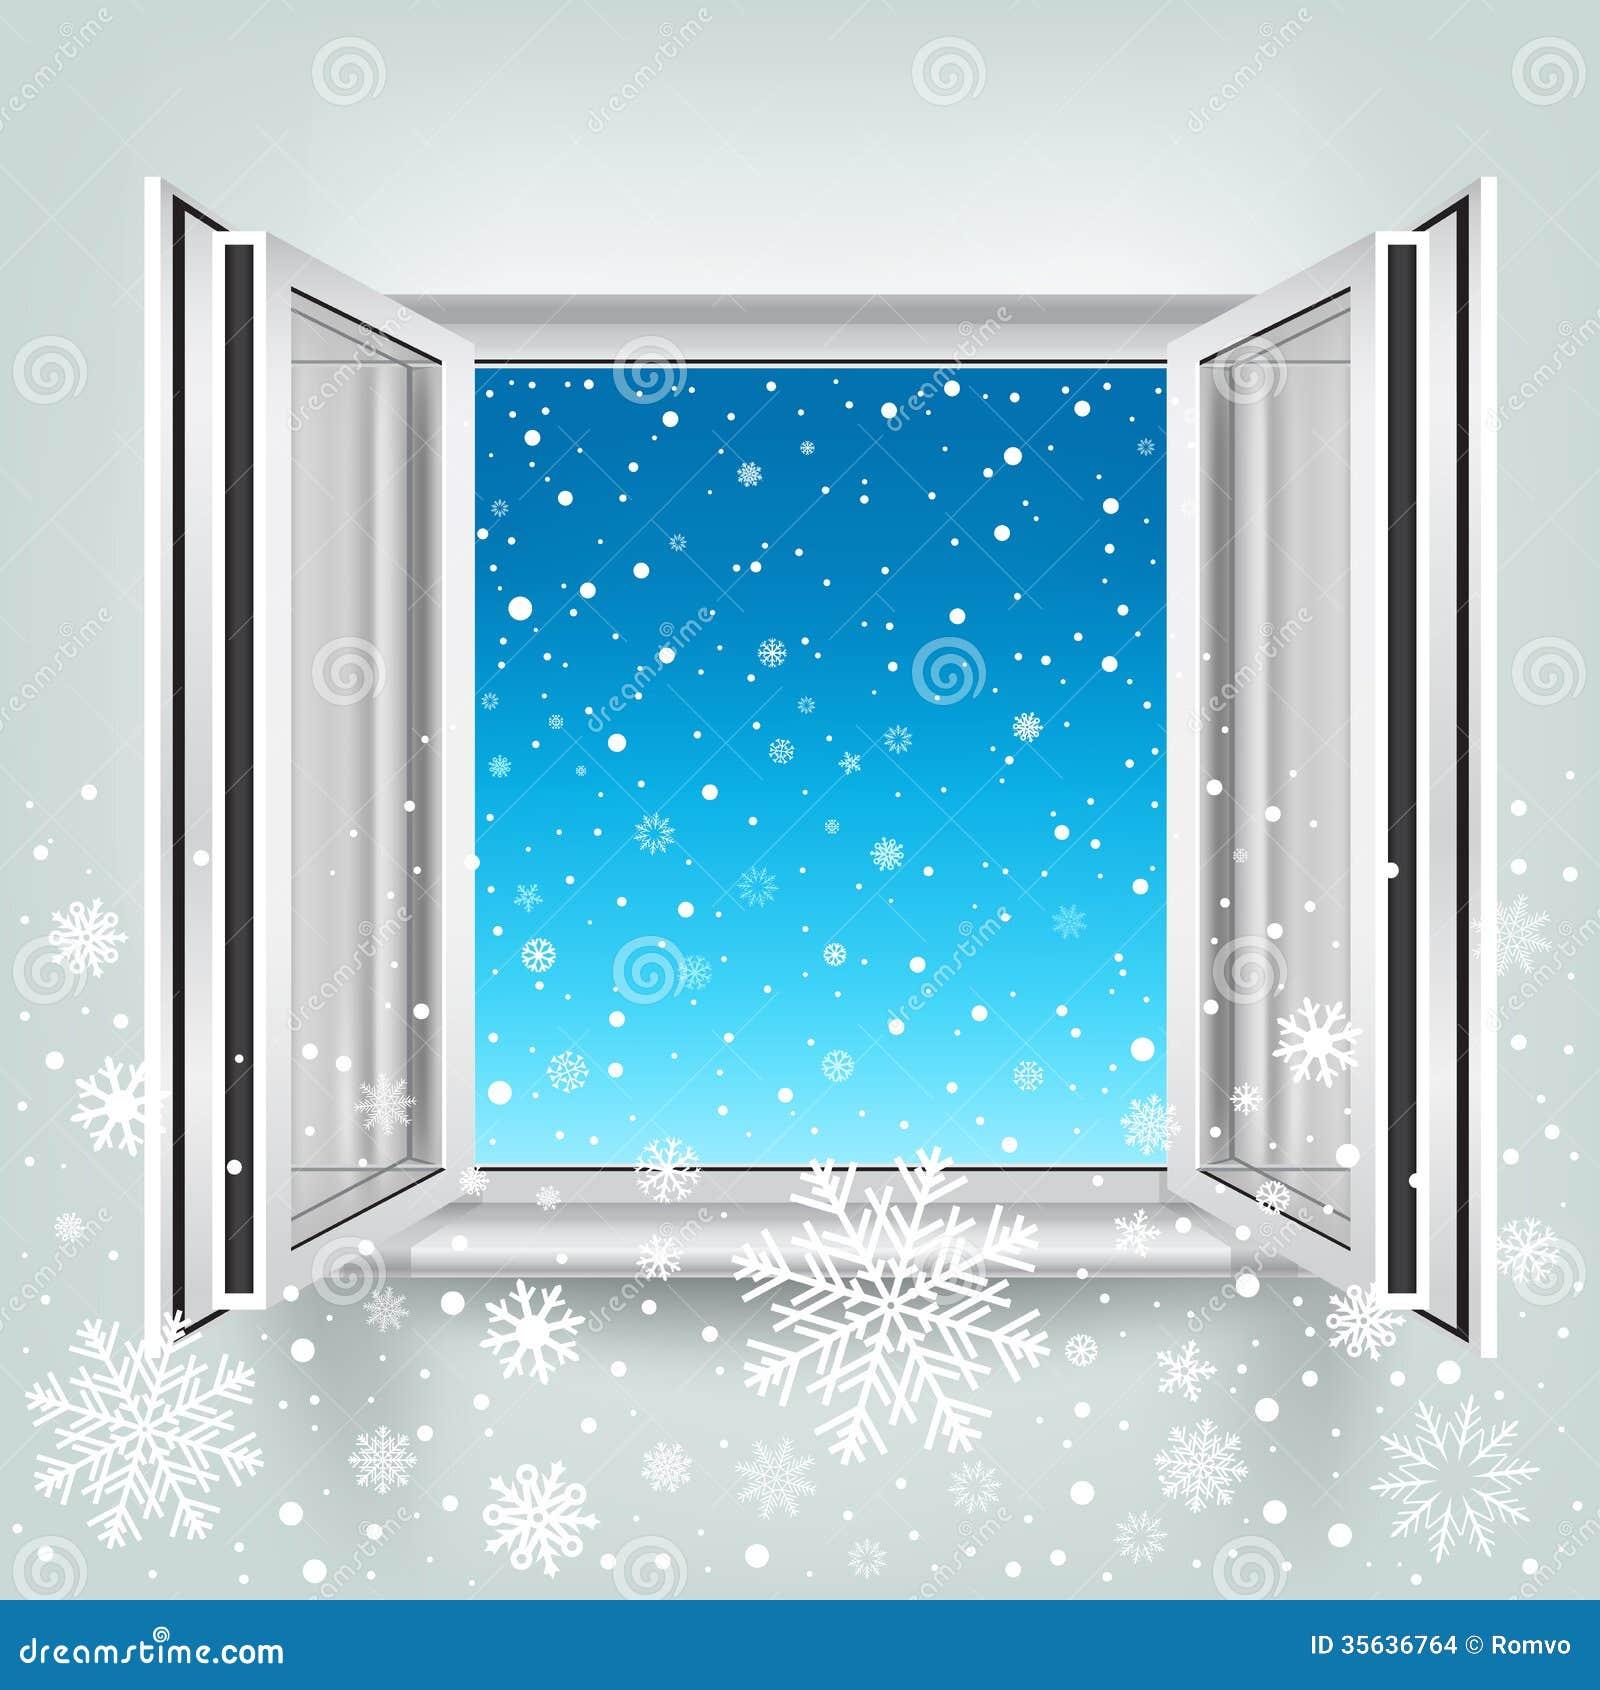 Offenes fenster im winter  Offenes Fenster Und Fallender Schnee Stockbilder - Bild: 35636764